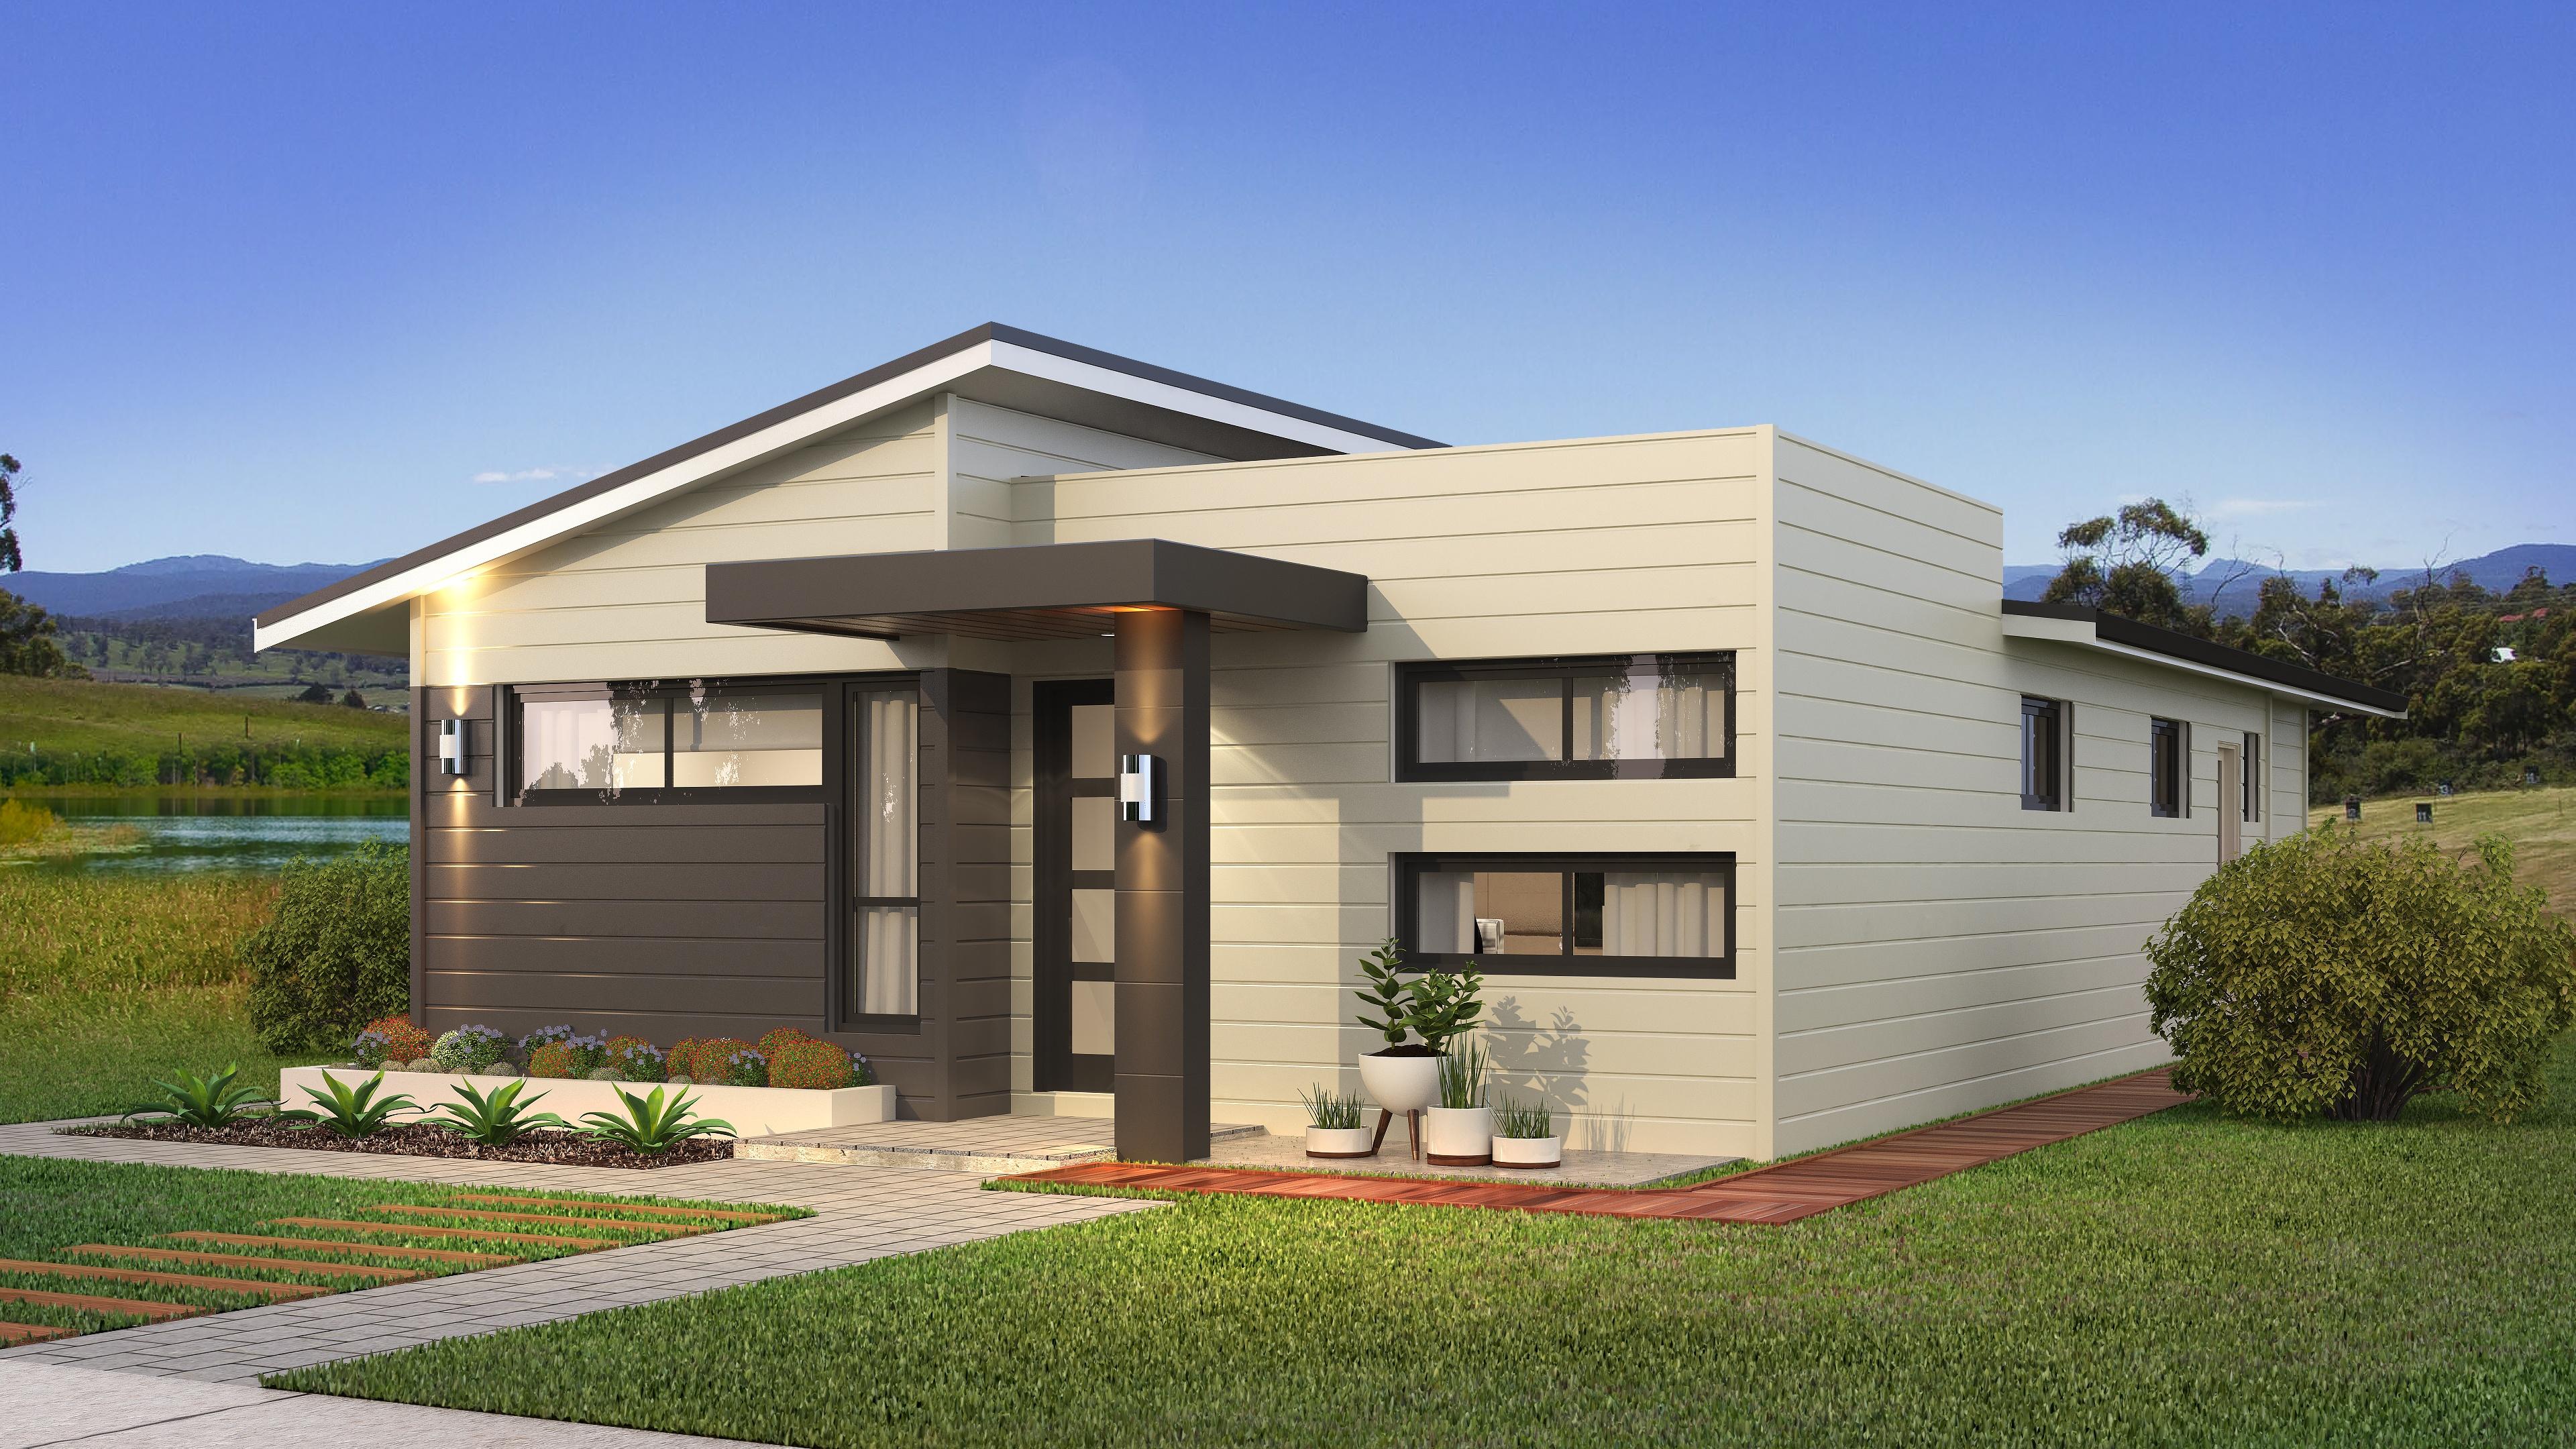 The Adair Home Design | Evoke Living Homes